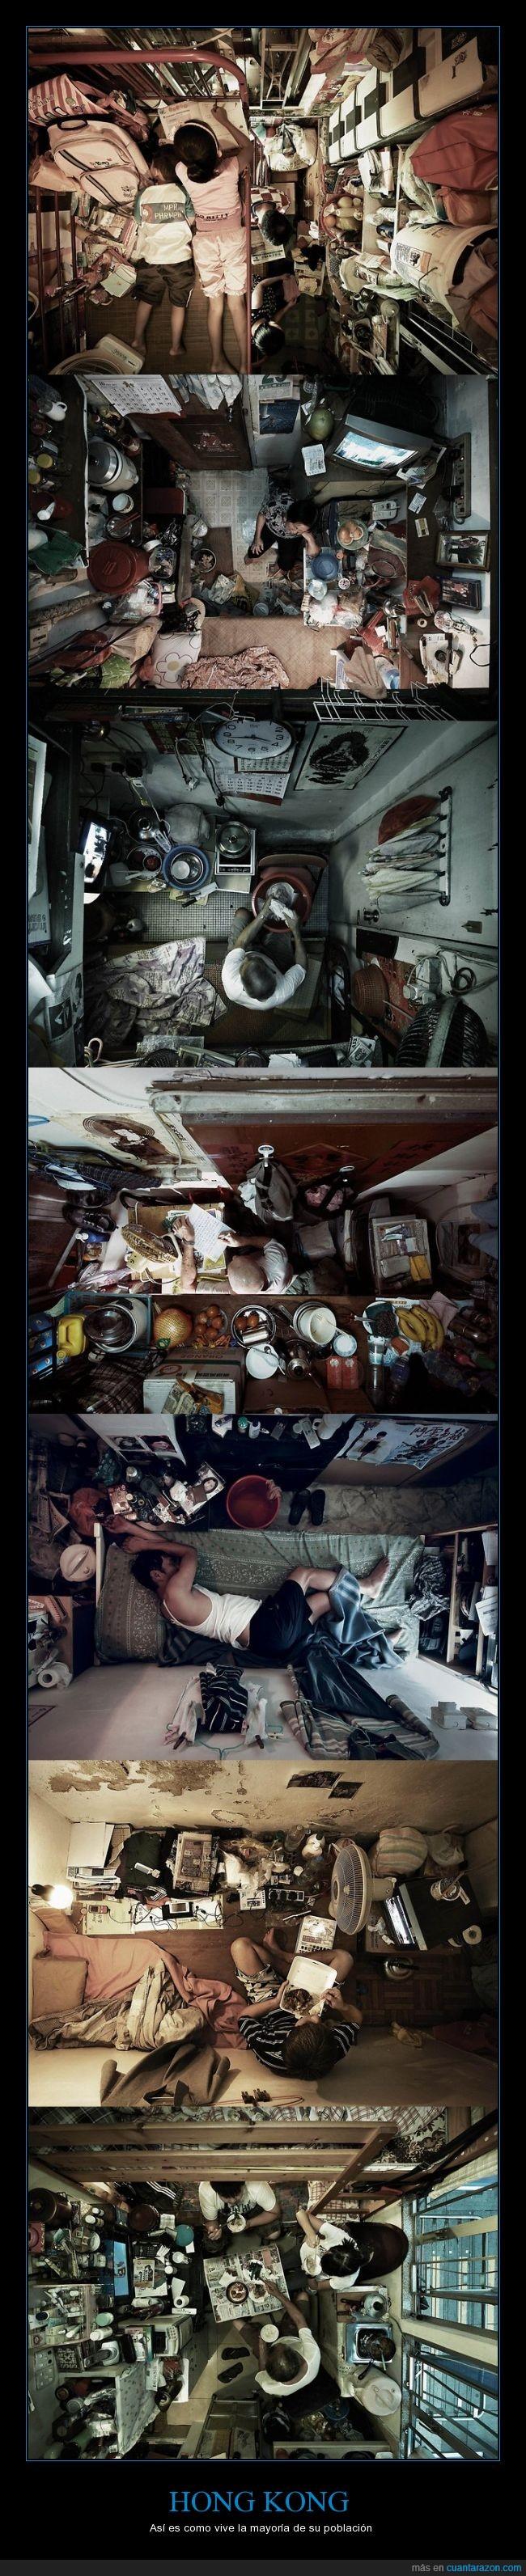 benny lam,casa,china,dura vida,espacio,habitación,no tienen muchos,pequeño,poco espacio,Society for Community Organization,vivienda cara